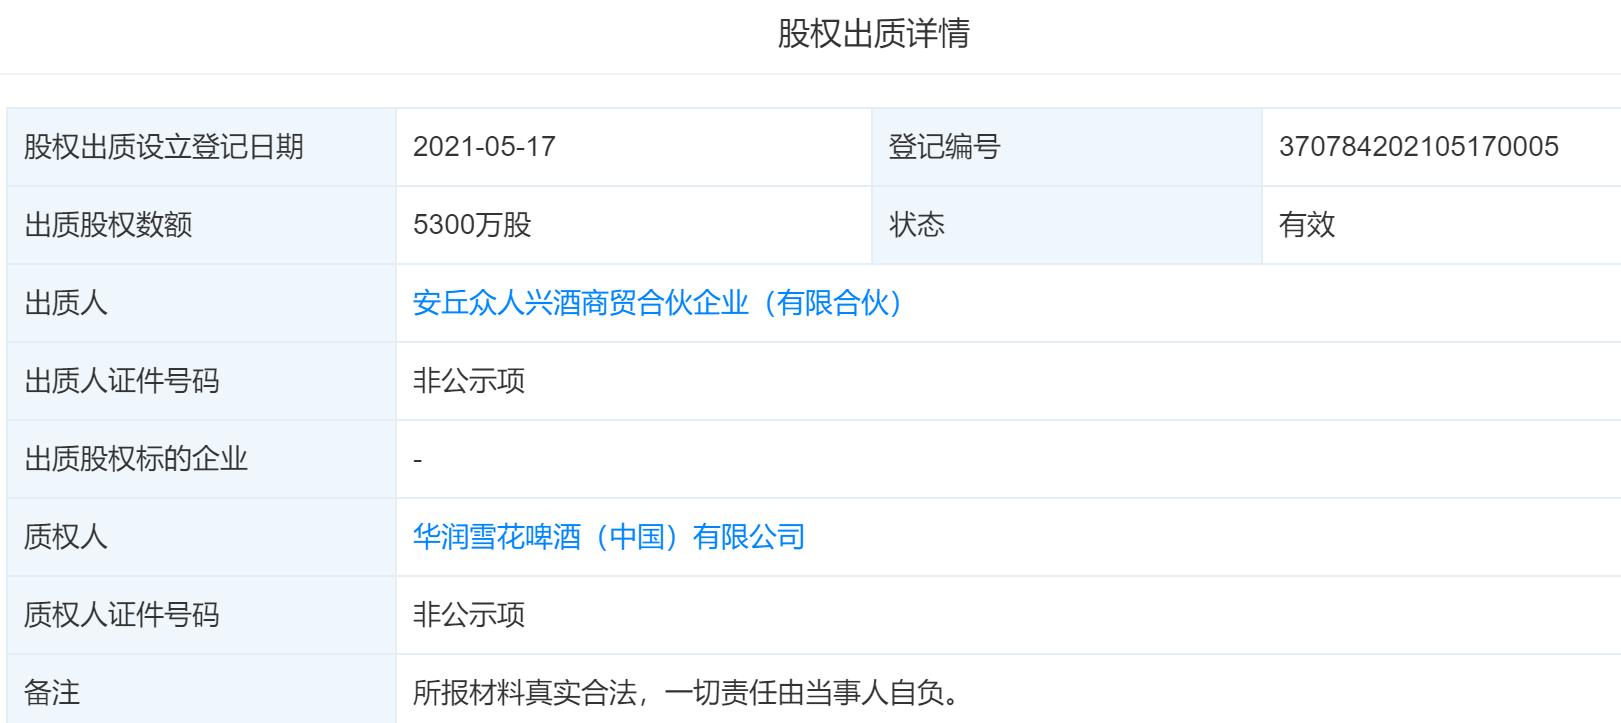 快讯 | 景芝酒业大股东向华润雪花啤酒出质5300万股股权